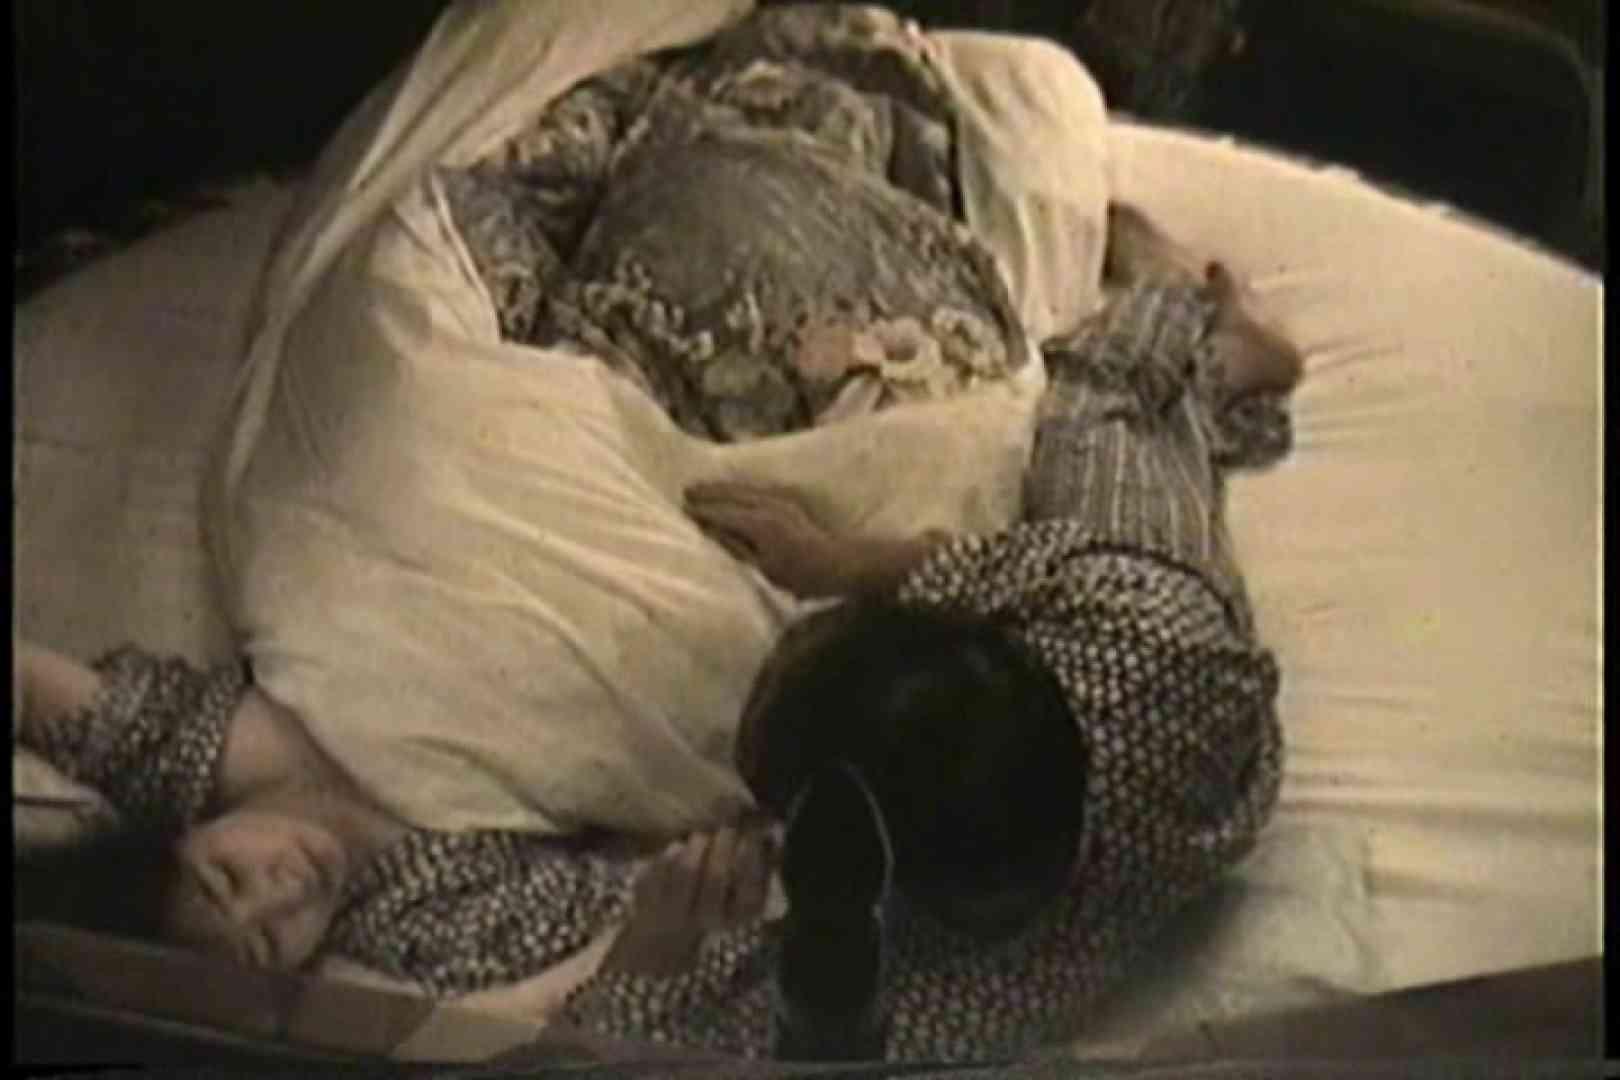 実録!ラブホテル~消し忘れ注意!昭和の色編~ vol.15 熟女のエロ動画 | 全裸  96PIX 89